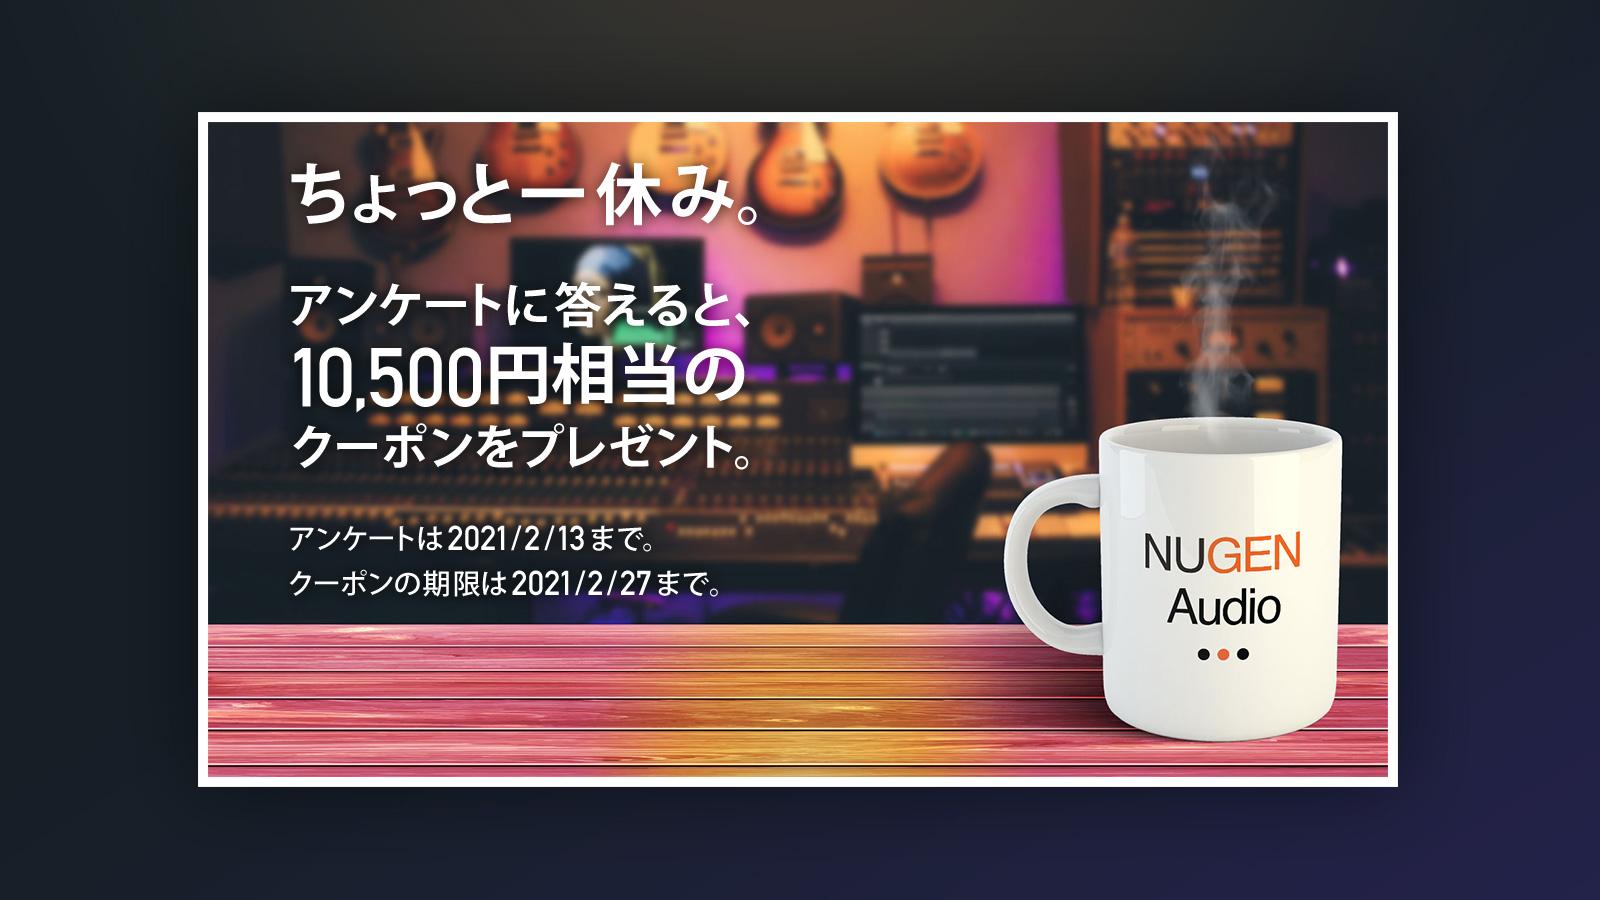 Nugen Audioのアンケートに答えて、10,500円分のクーポンを手に入れよう!